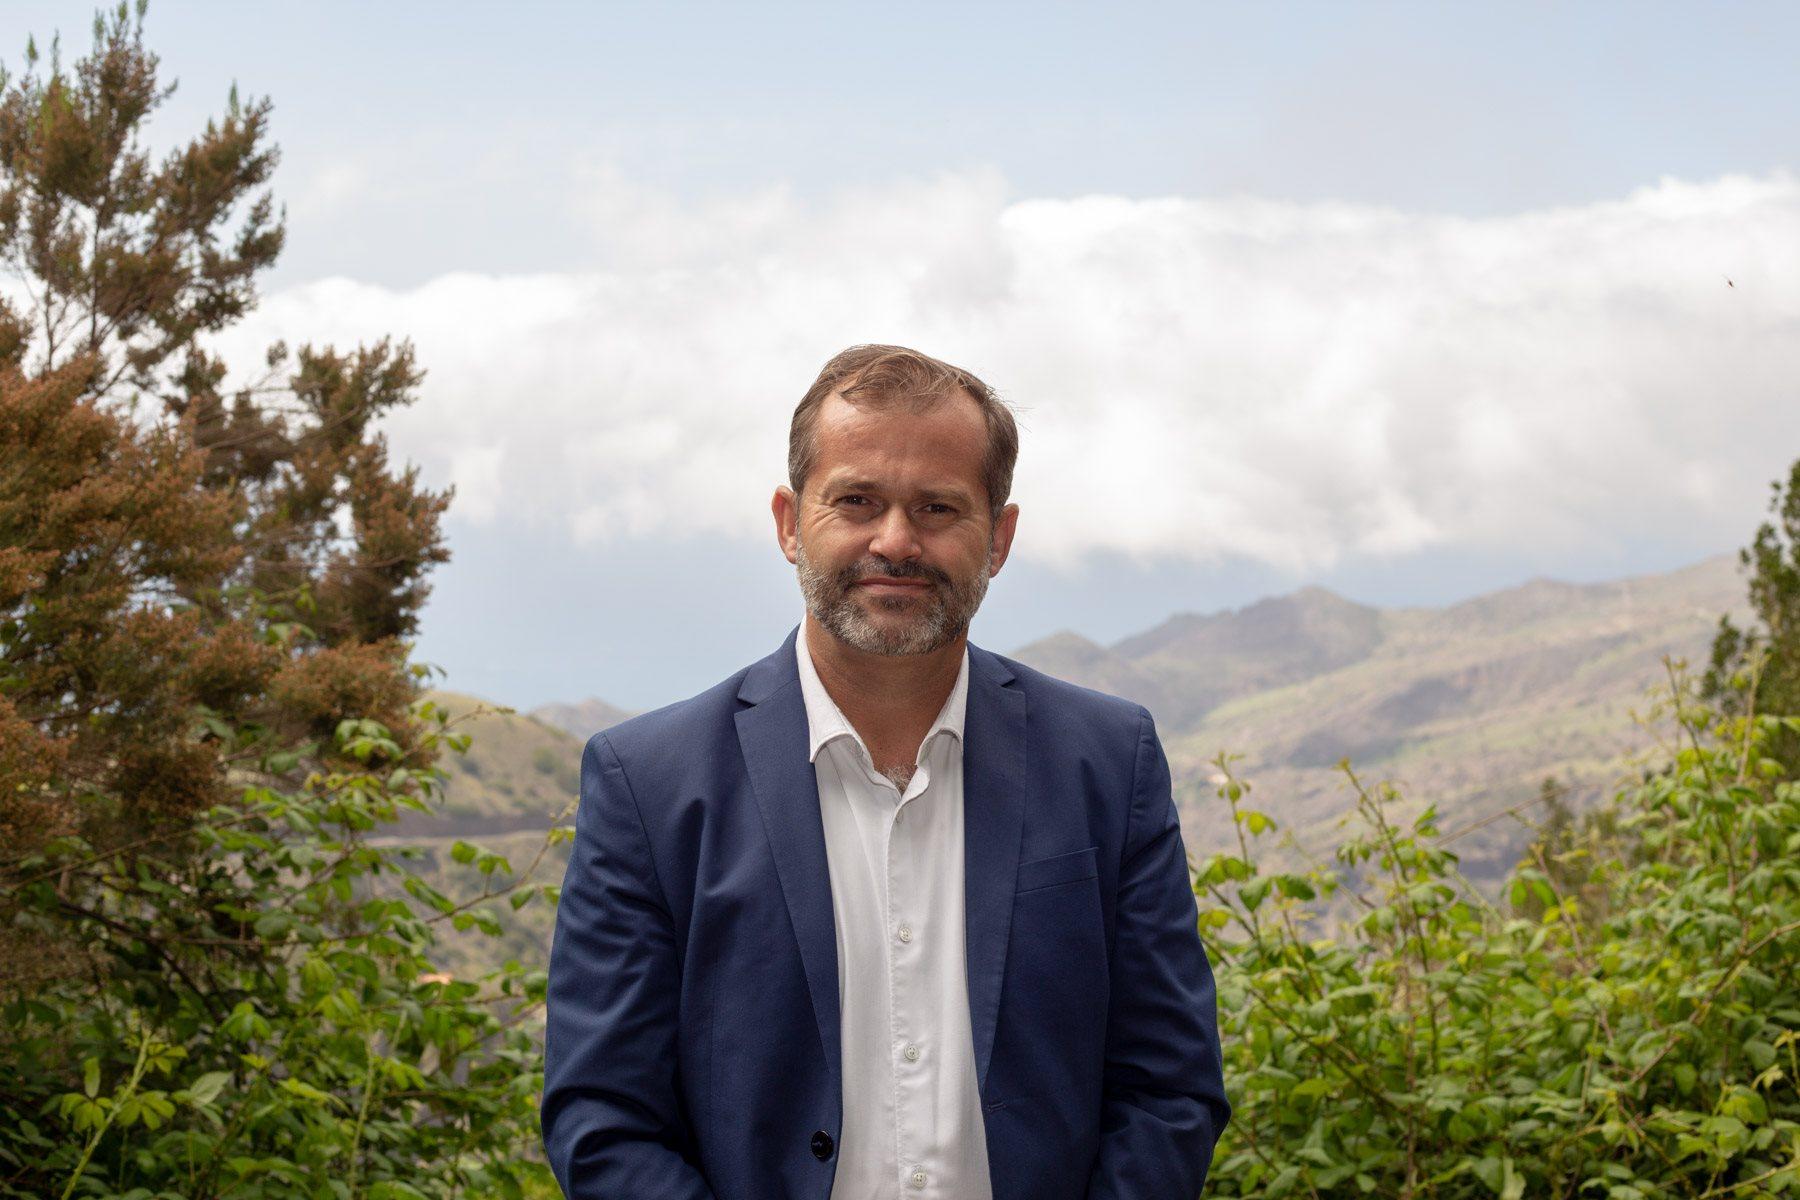 El Ayuntamiento de Vallehermoso saca a licitación el acceso a Tazo y Arguamul por 1.243.000 euros